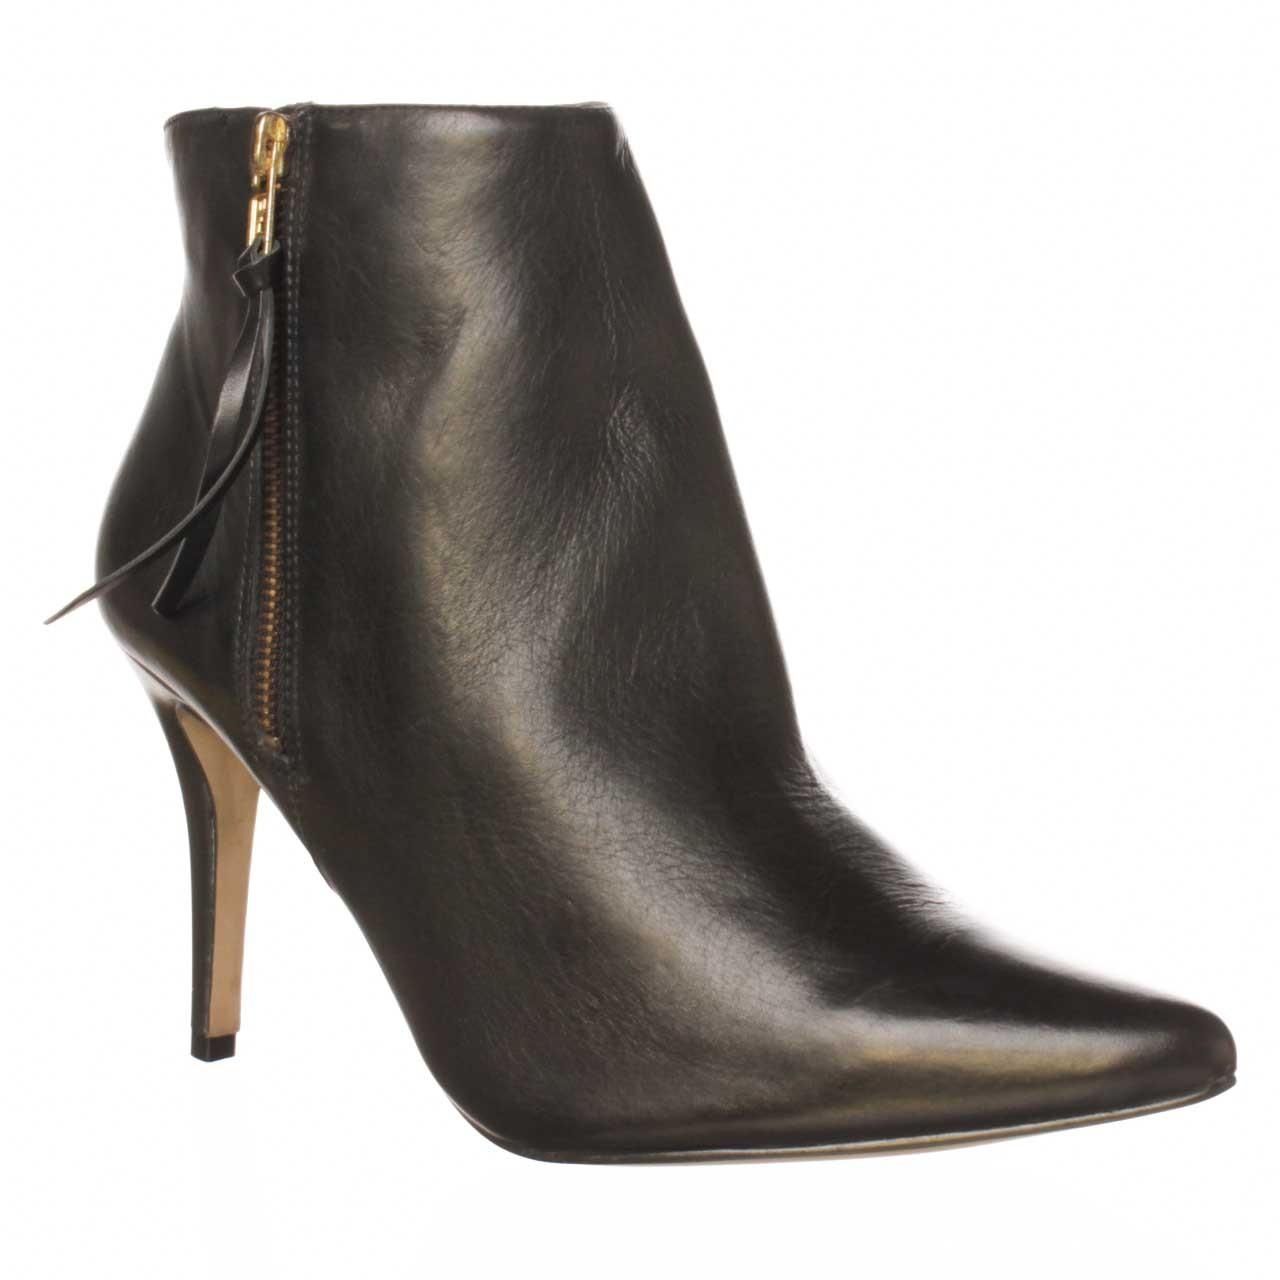 steve madden instantt ankle boot in black lyst. Black Bedroom Furniture Sets. Home Design Ideas